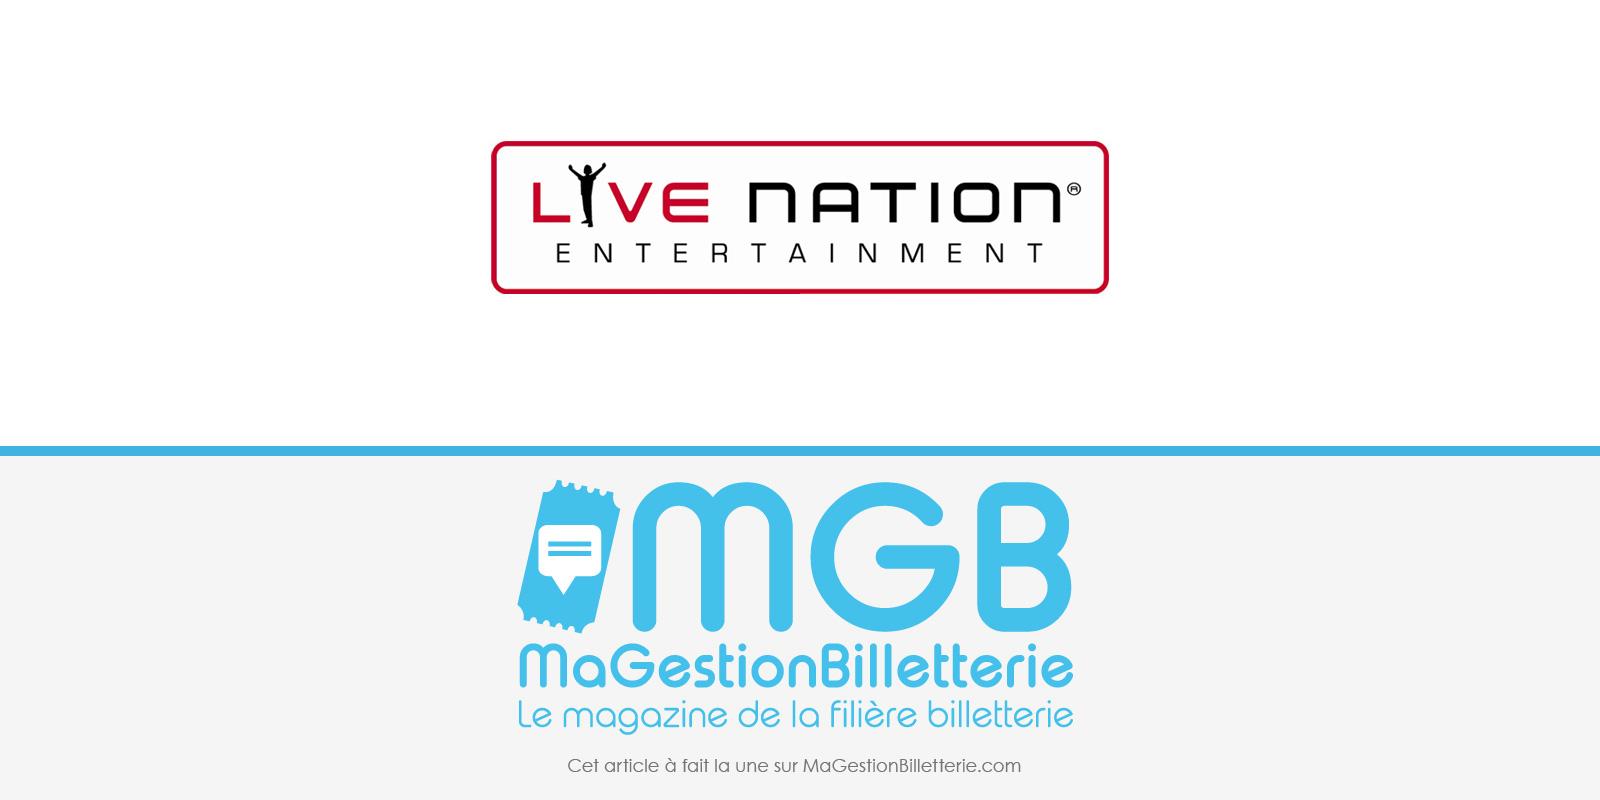 live-nation-entertainment-une5